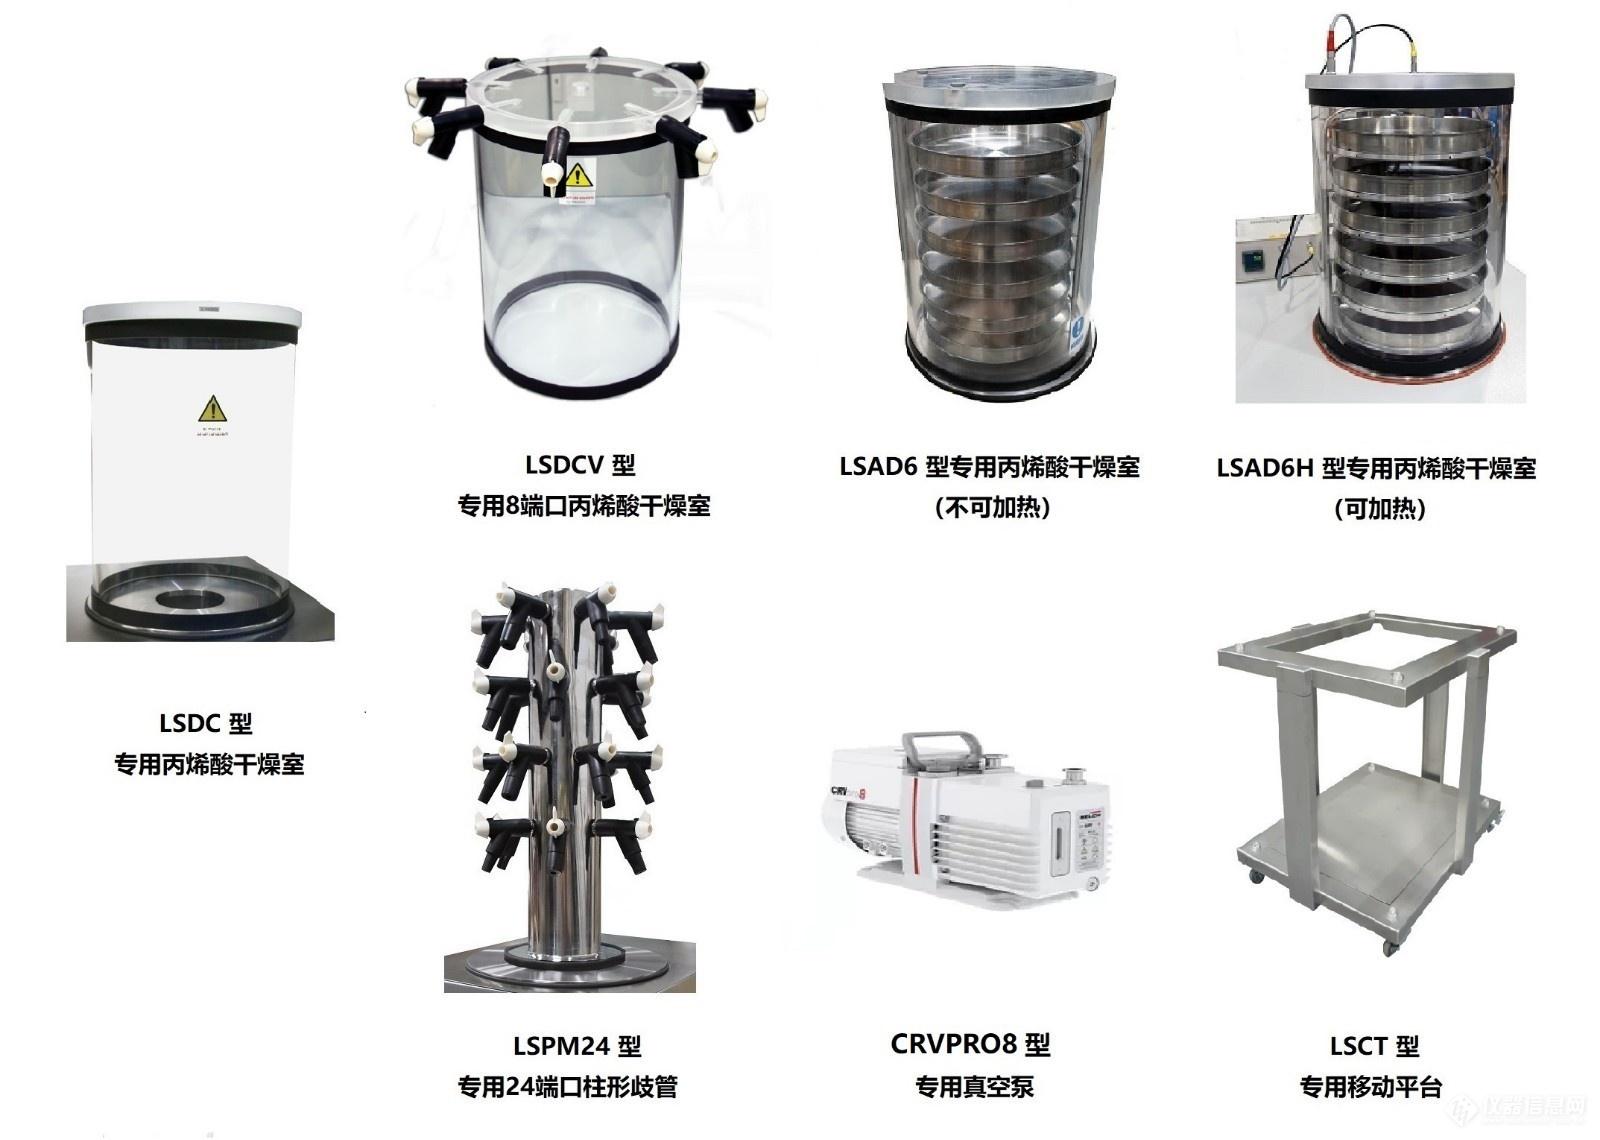 冻干机 部件 组图-7款方版-真空泵-型-黑.jpg